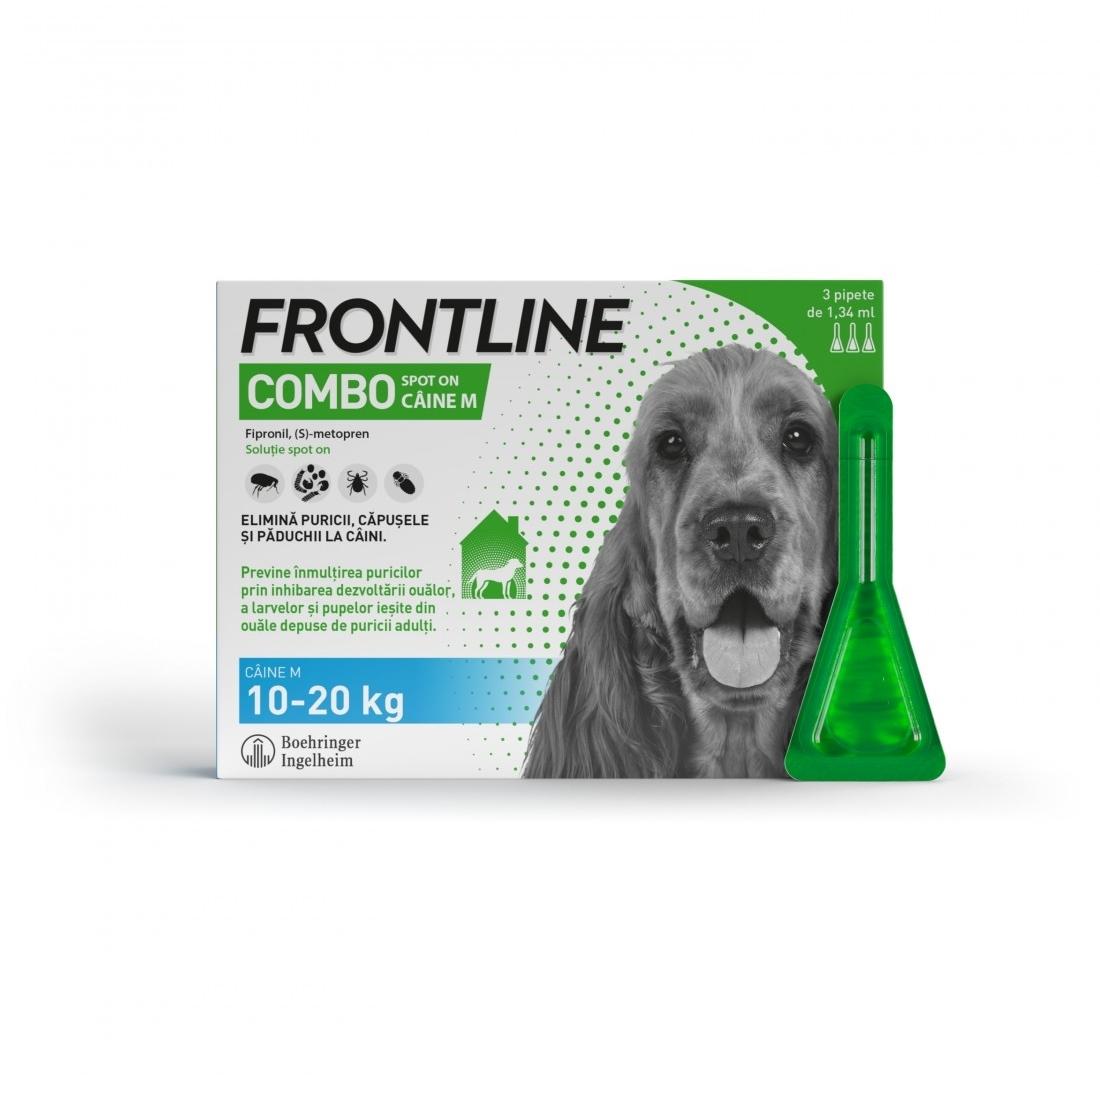 Frontline Combo M (10-20 kg) - 3 Pipete Antiparazitare imagine